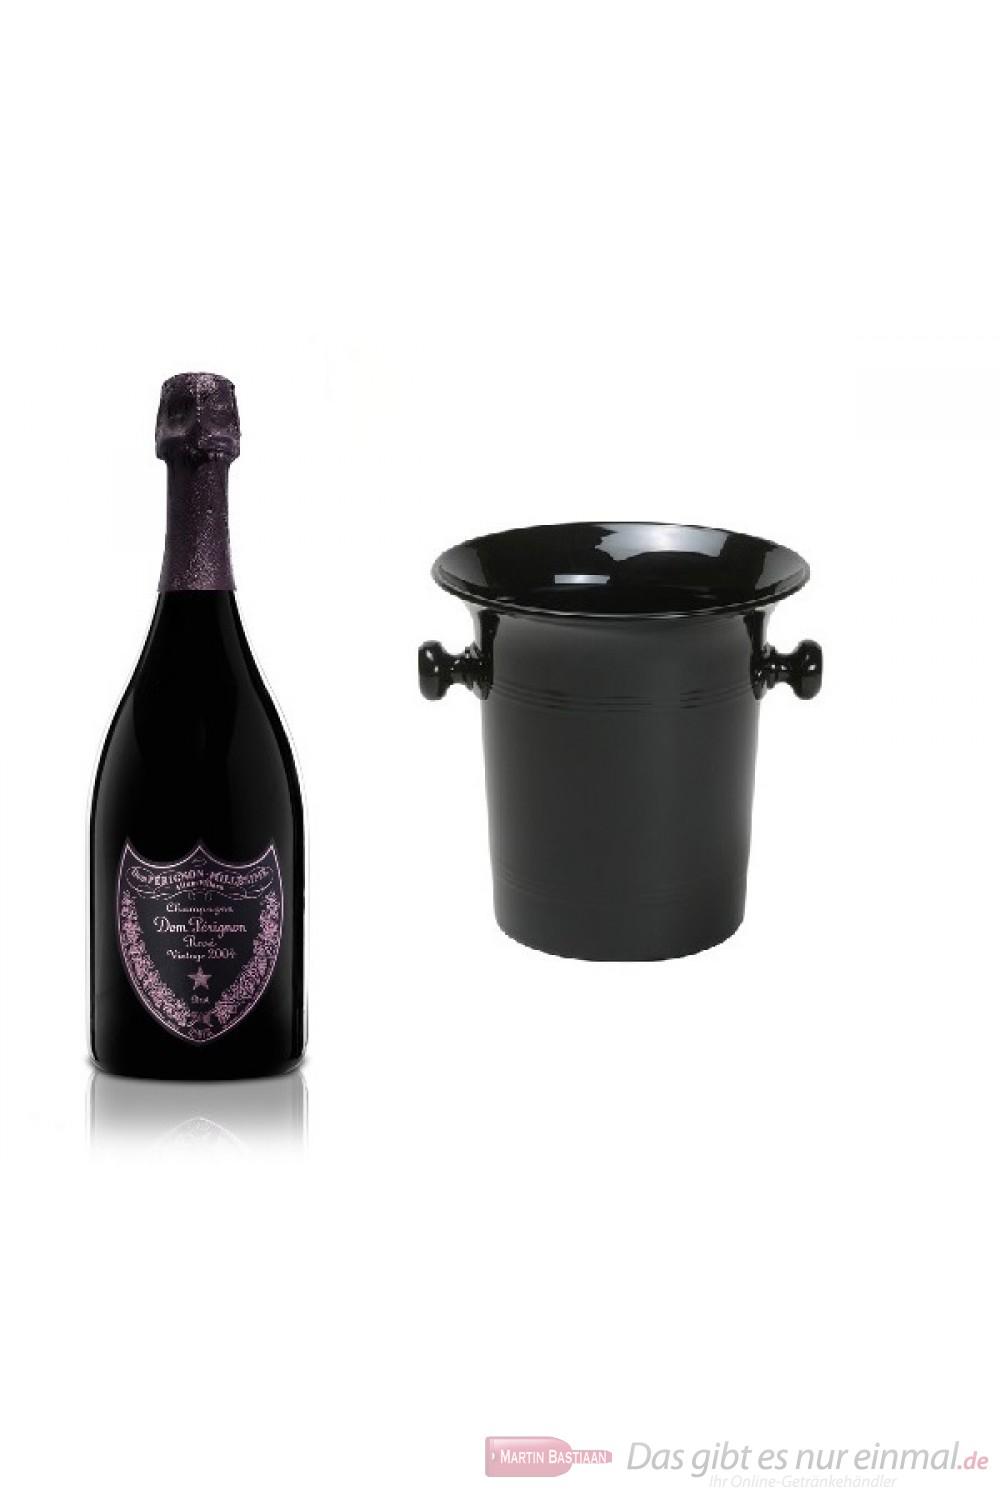 Dom Pérignon Rosé Vintage 2004 Champagner im Kübel